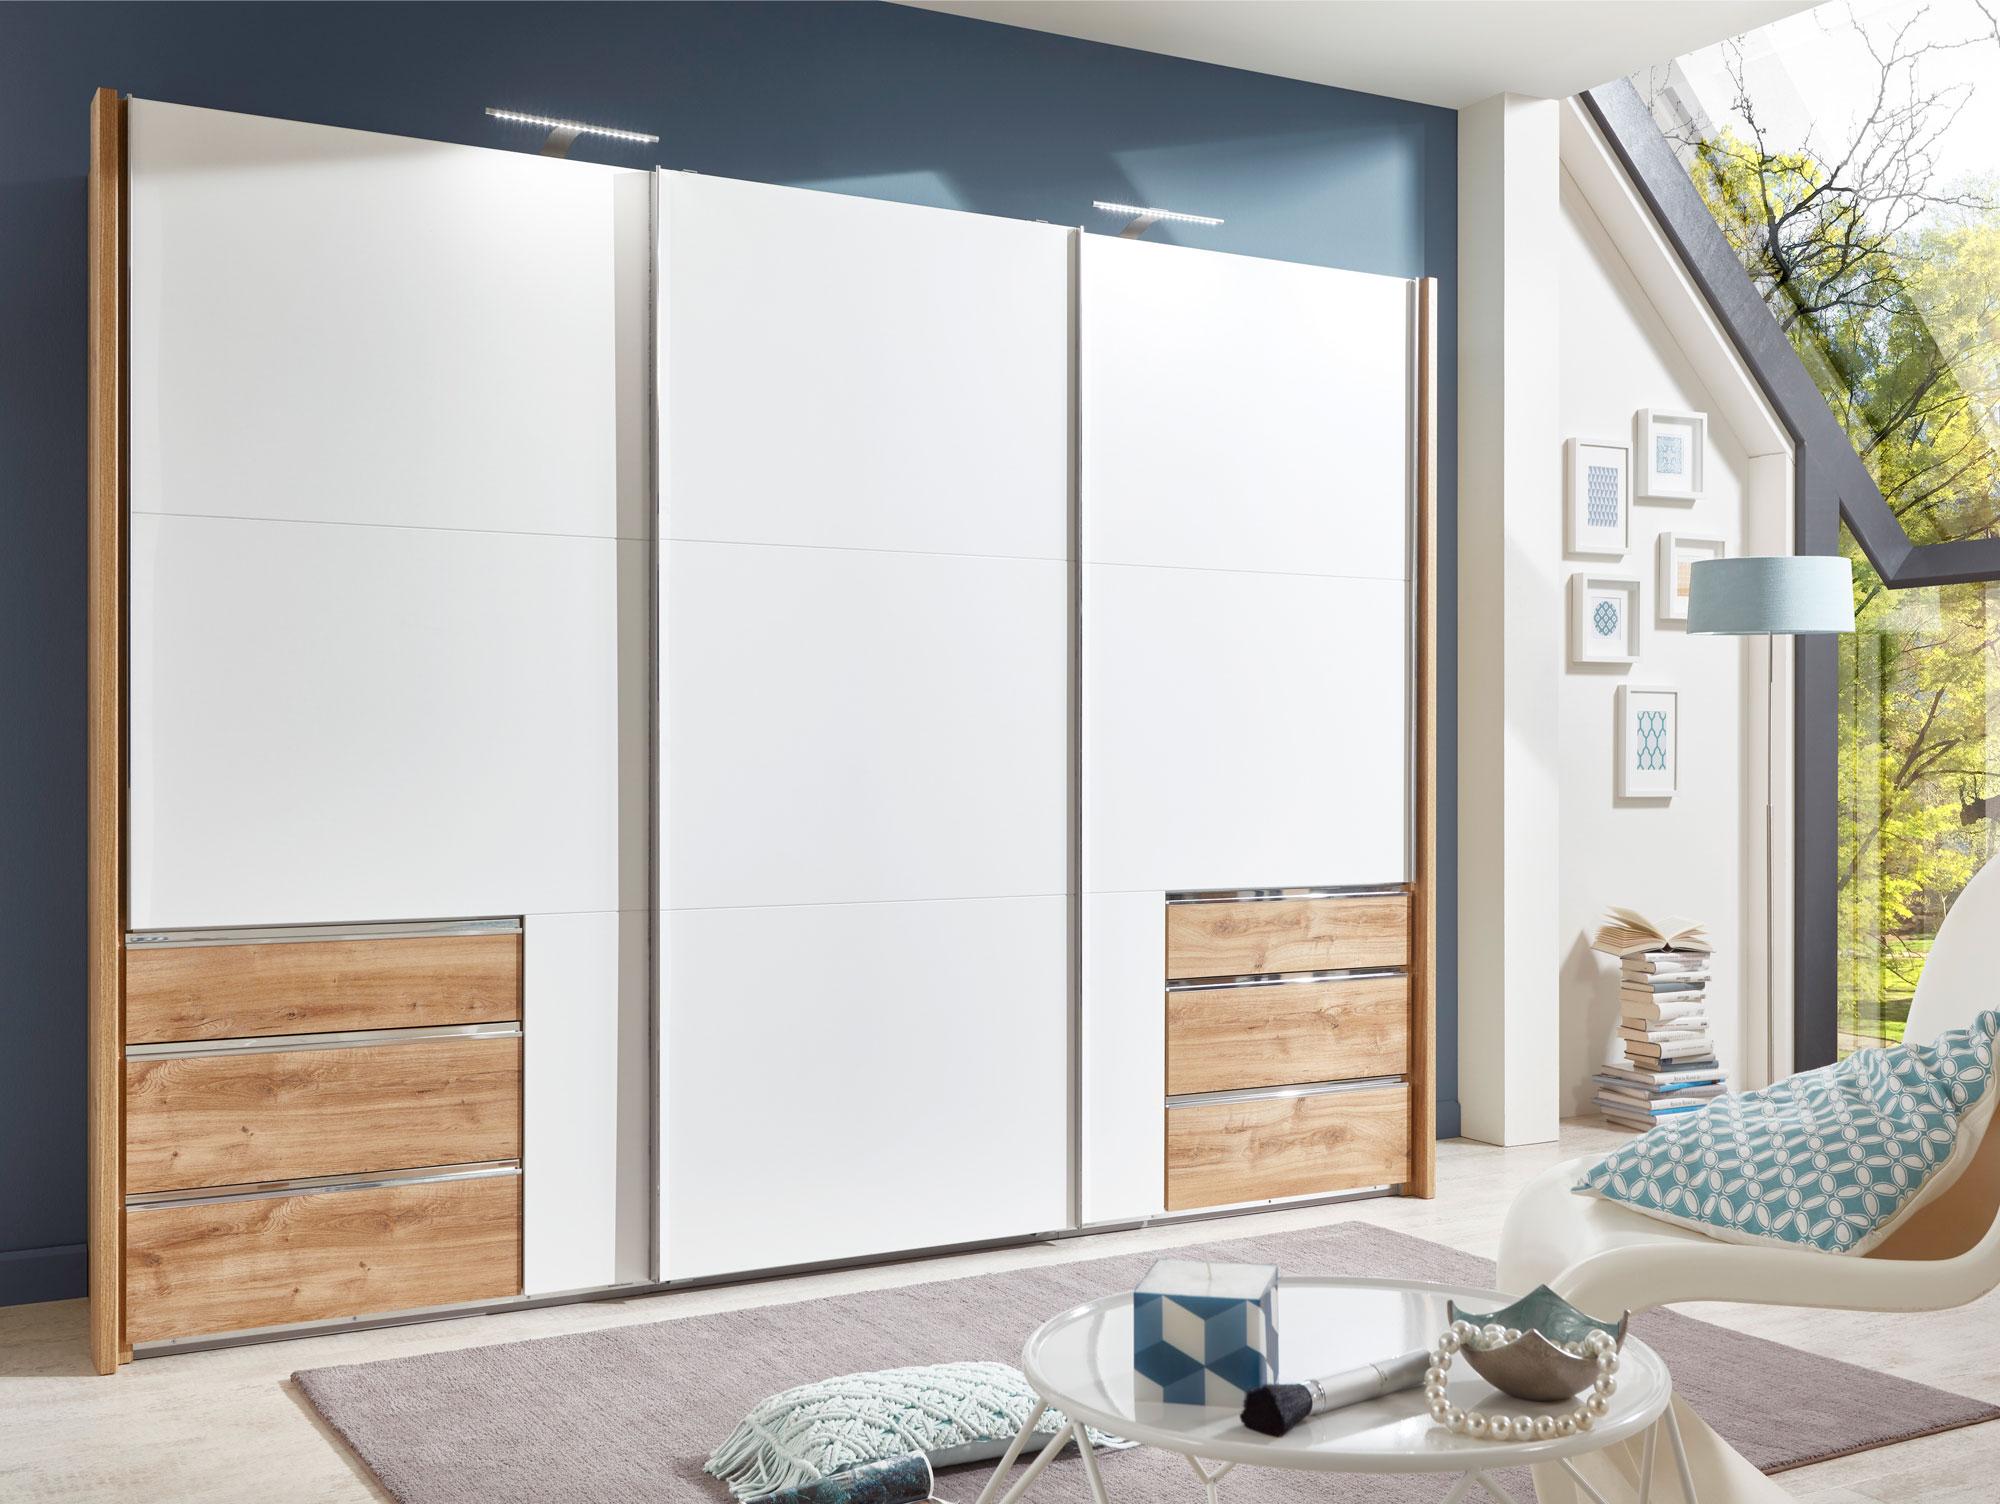 schwebet renschrank kleiderschrank b300 cm lakota 3 t riger schrank wei eiche ebay. Black Bedroom Furniture Sets. Home Design Ideas